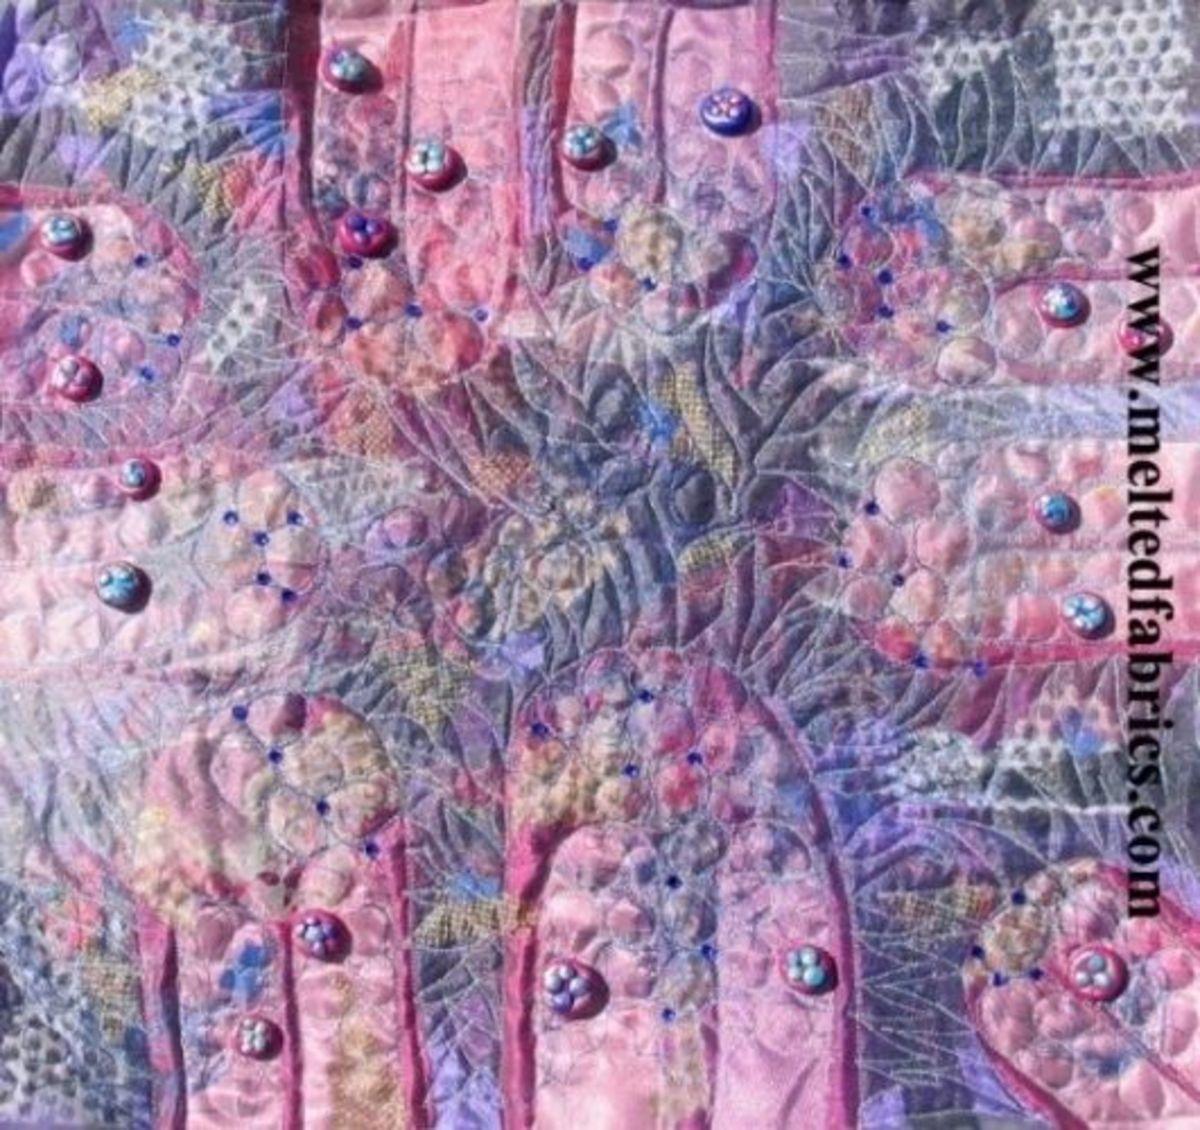 Marram Grass Cells by MeltedRachel